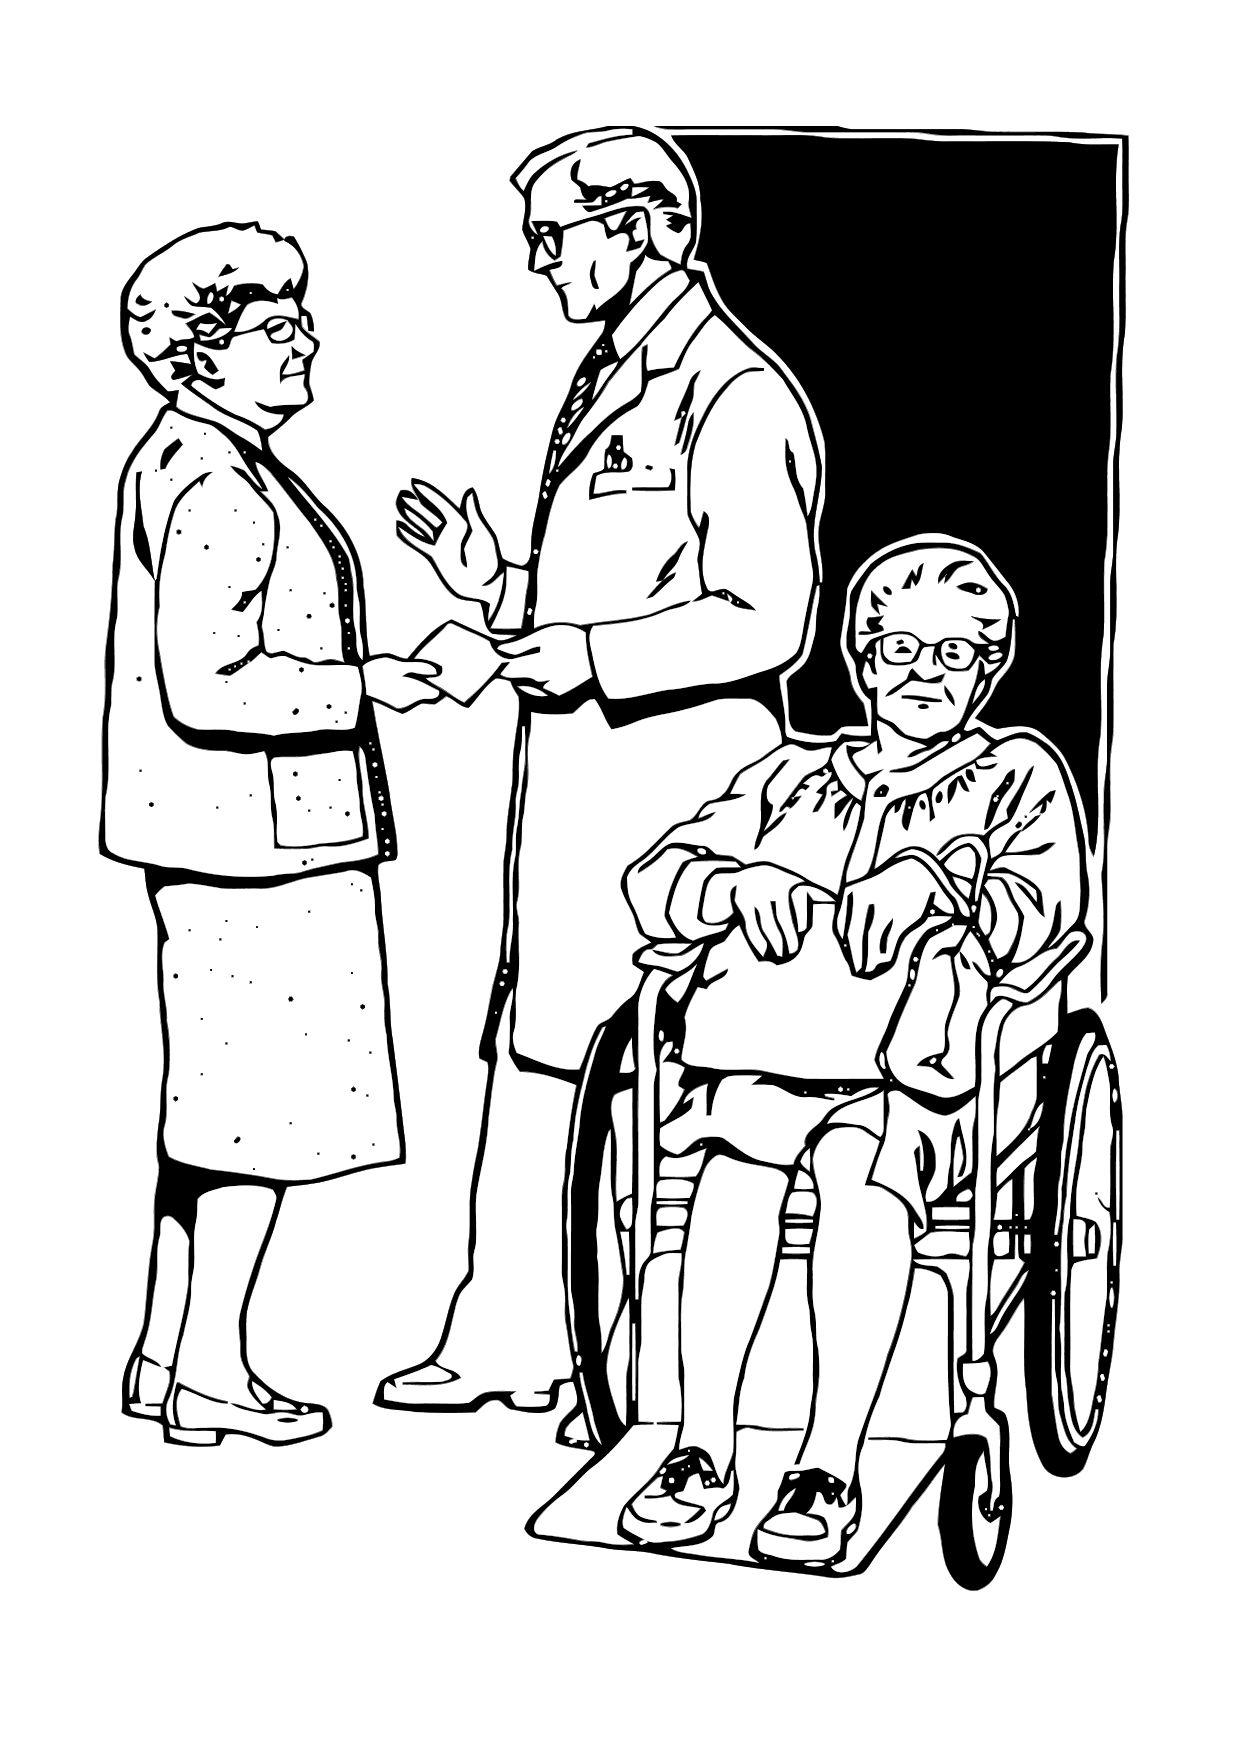 Dibujo Para Colorear Saliendo Del Hospital Dibujos Para